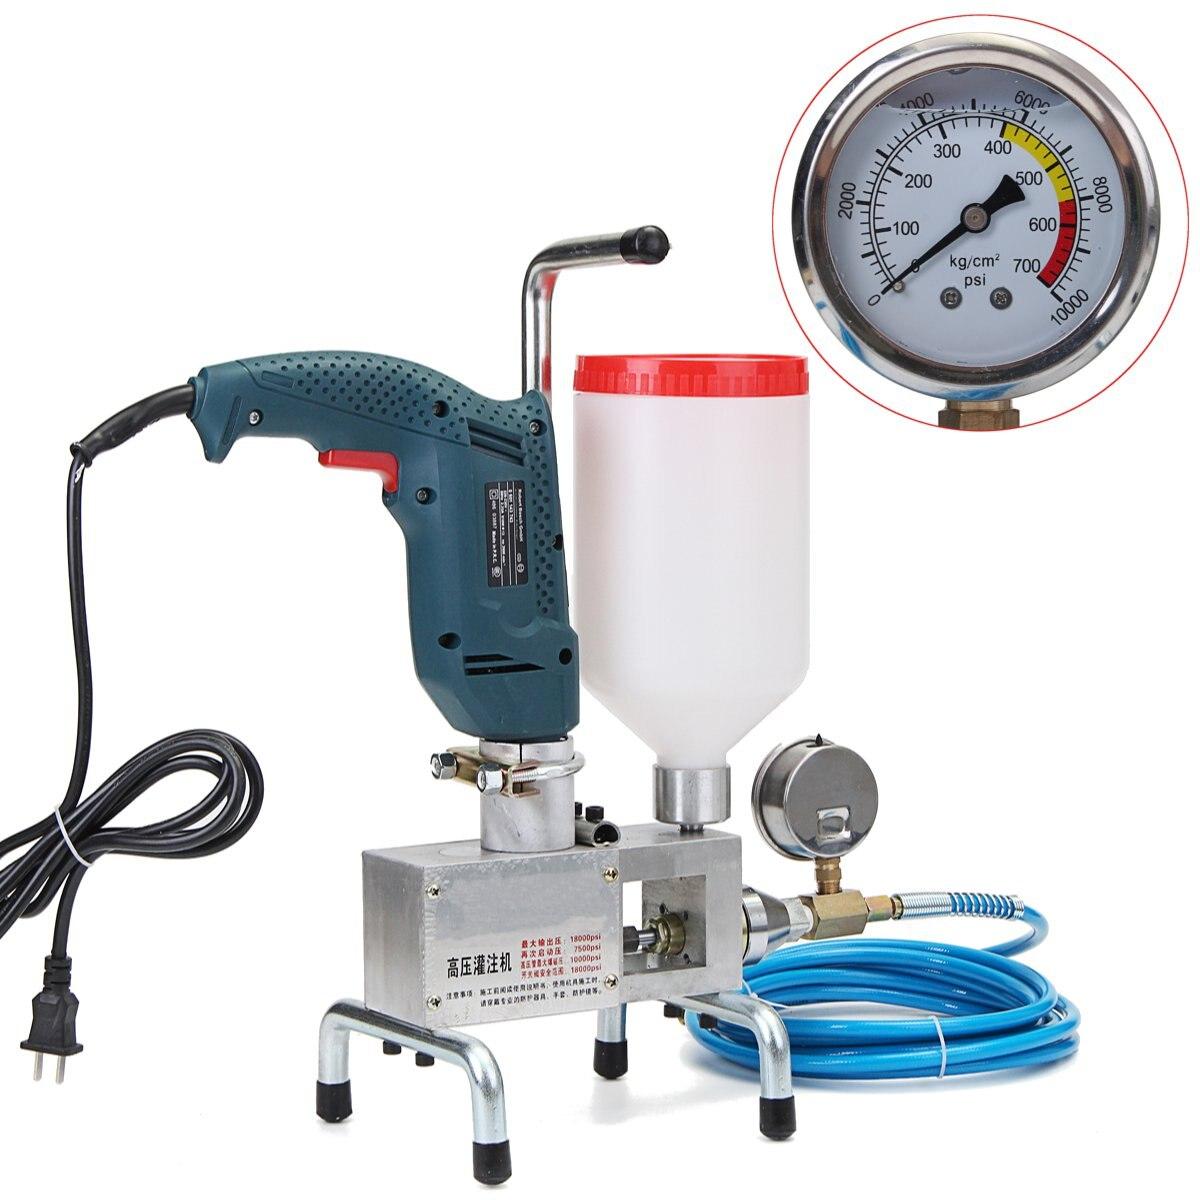 Eléctrica epoxi de inyección bomba de pistón de poliuretano inyección de espuma de máquina de acero